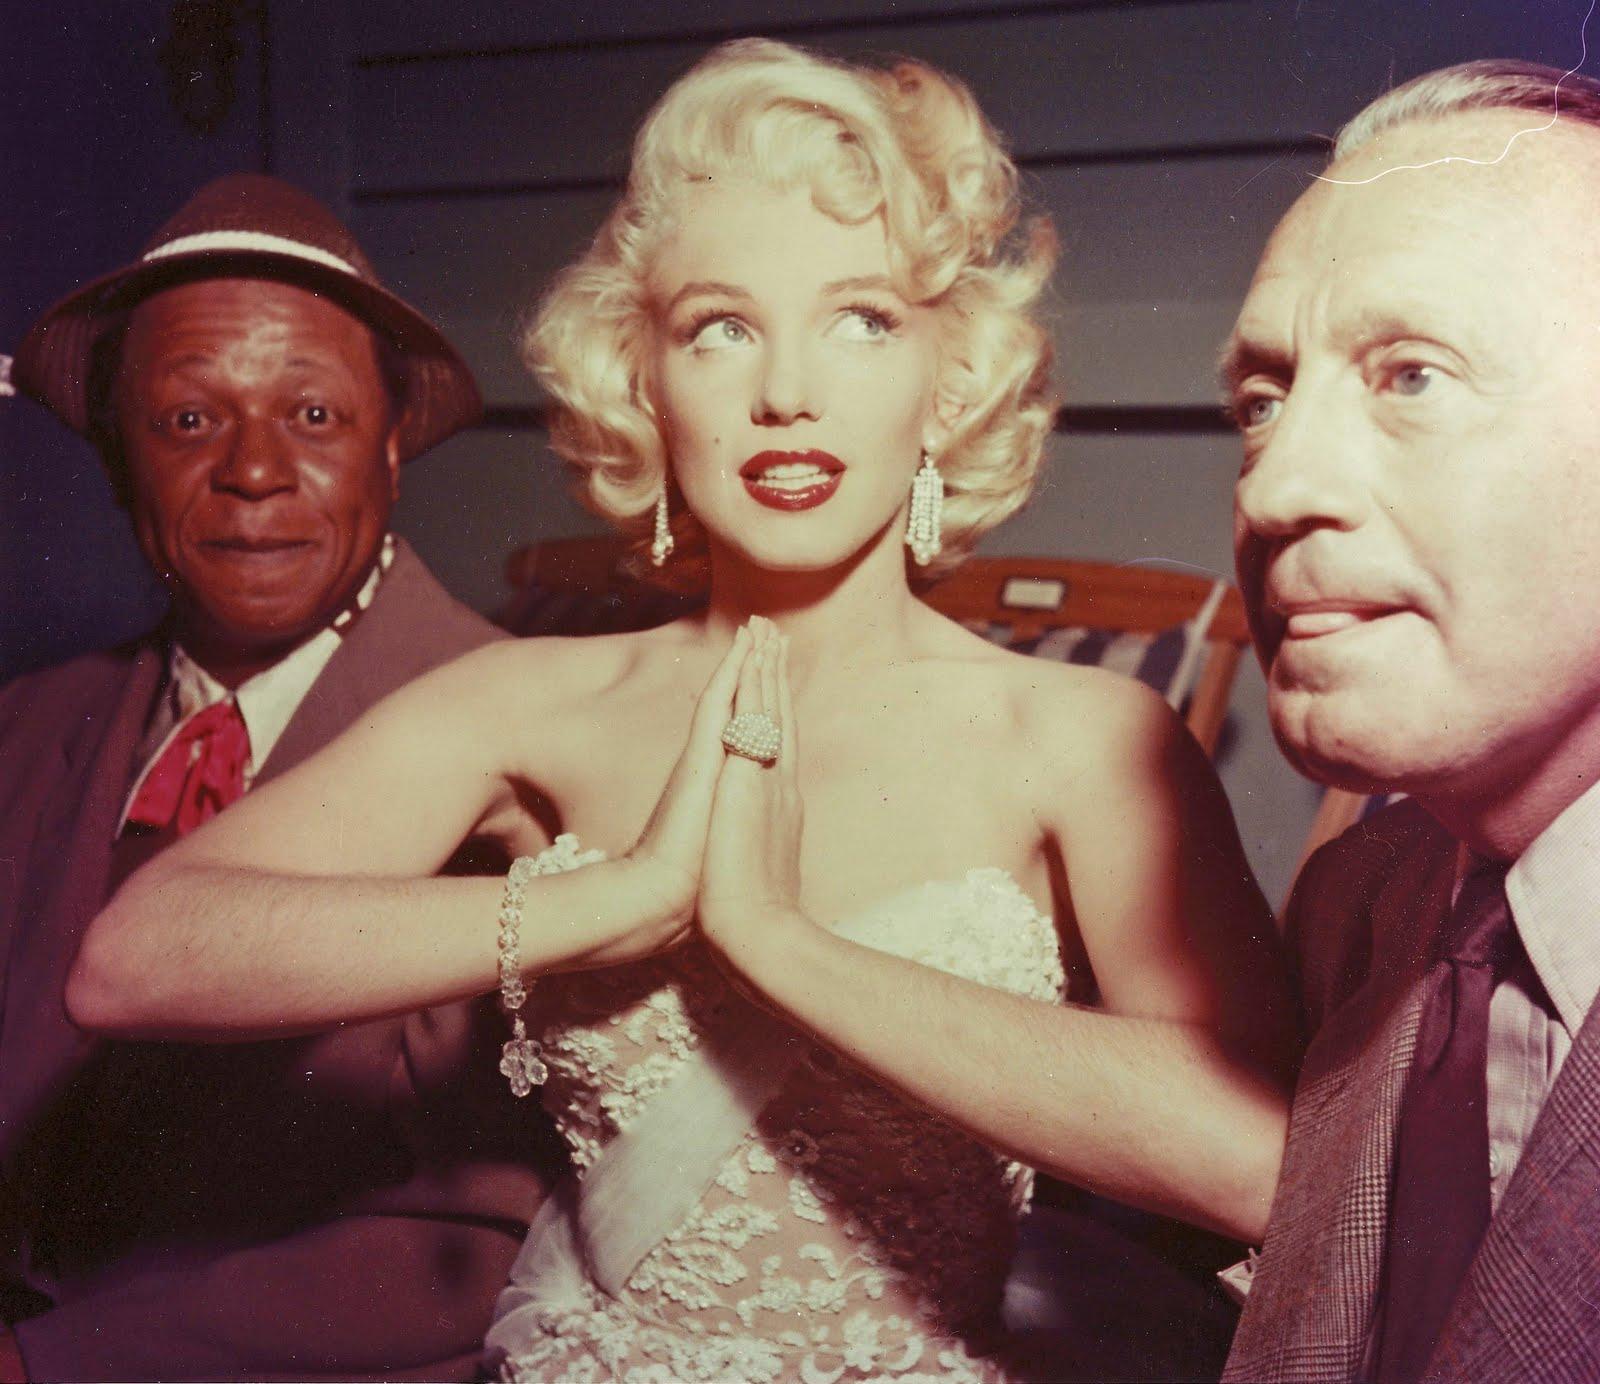 http://4.bp.blogspot.com/_VBWYS49PYAY/TNI3eTPpMBI/AAAAAAAAACg/17Oj4Si_SFE/s1600/Marilyn+Monroe+ragazza.jpg